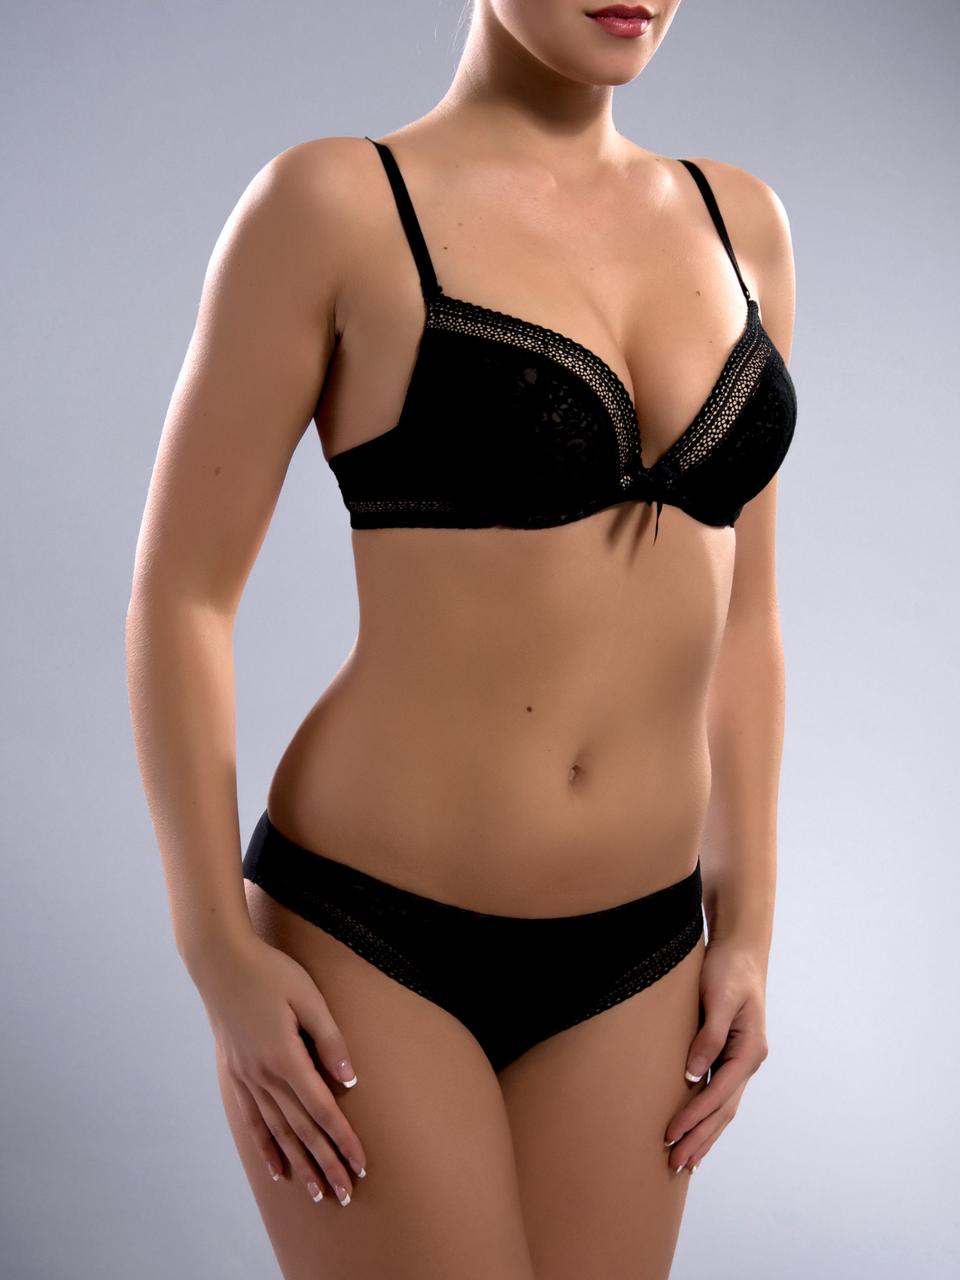 Комплект женского нижнего белья Acousma A6358-1BC-P6358H оптом, чашка C, цвет Черно-Бежевый